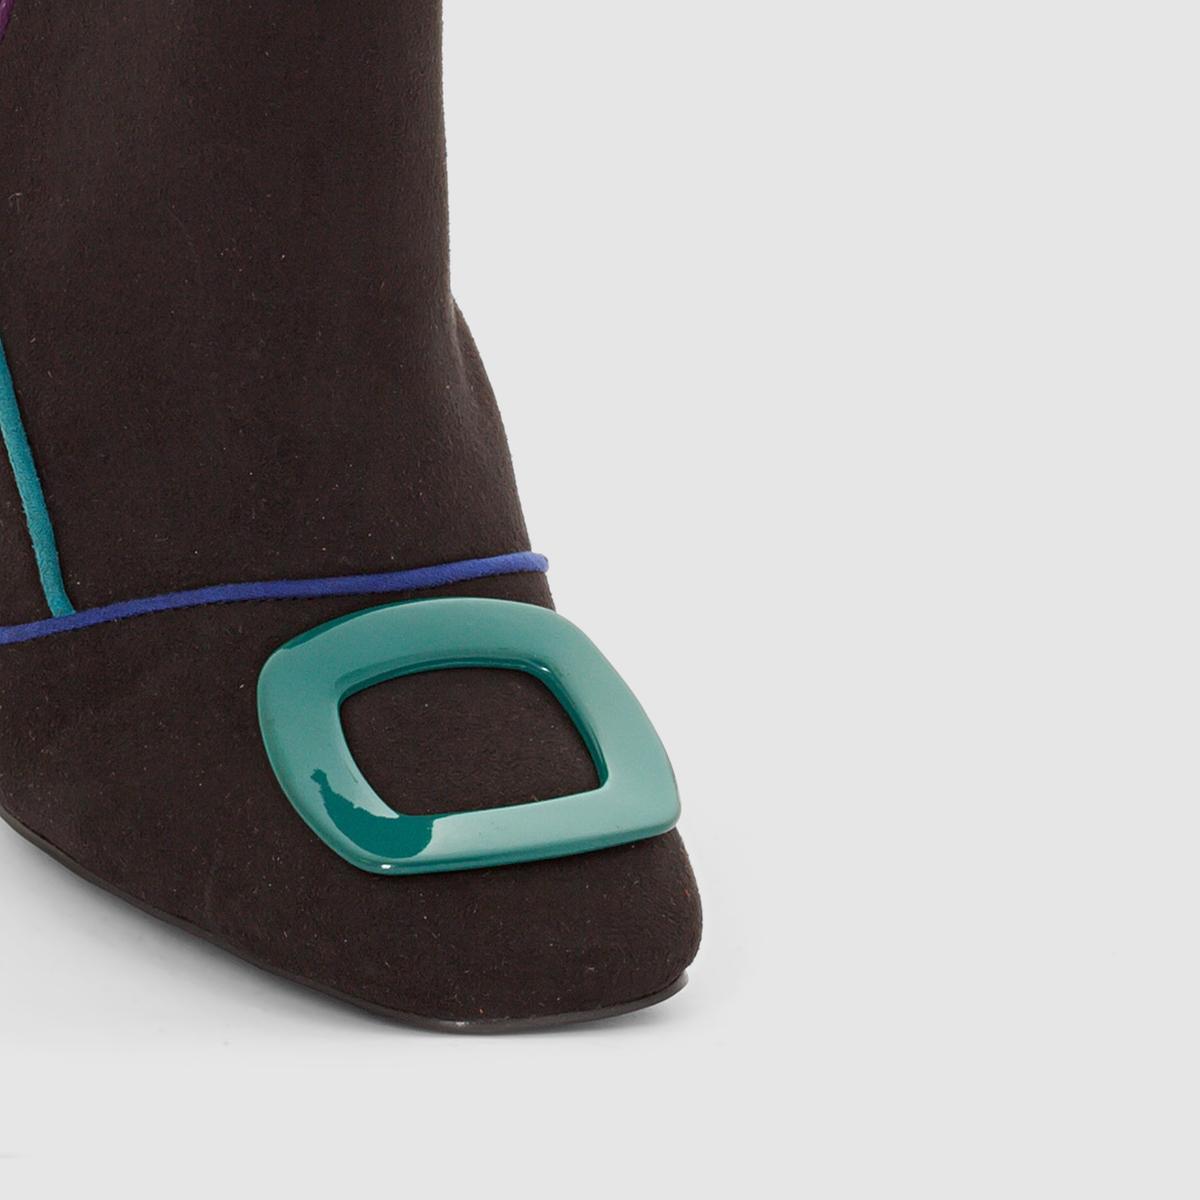 Ботильоны на каблуке с пряжкойБотильоны на каблуке MADEMOISELLE RВерх : невыделанная кожа (яловичная)Подкладка : кожа Стелька : кожаПодошва : эластомерЗастежка : на молниюПреимущества : ботильоны в элегантном и современном стиле, на высоком каблуке и с застежкой на молнию .<br><br>Цвет: черный<br>Размер: 40.39.37.36